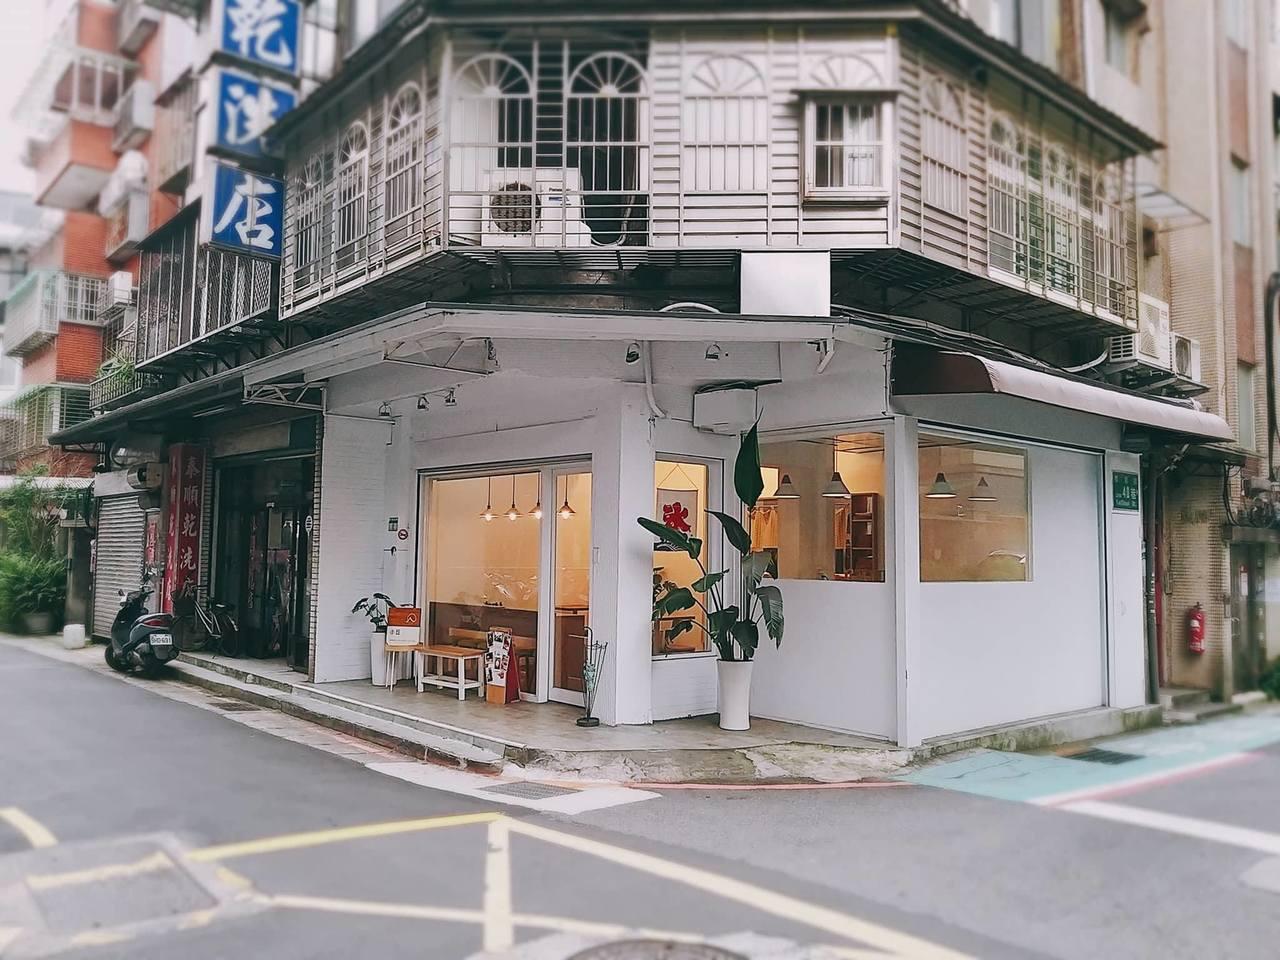 「小丘chiu」位於市區巷弄轉角。圖/小丘chiu 提供